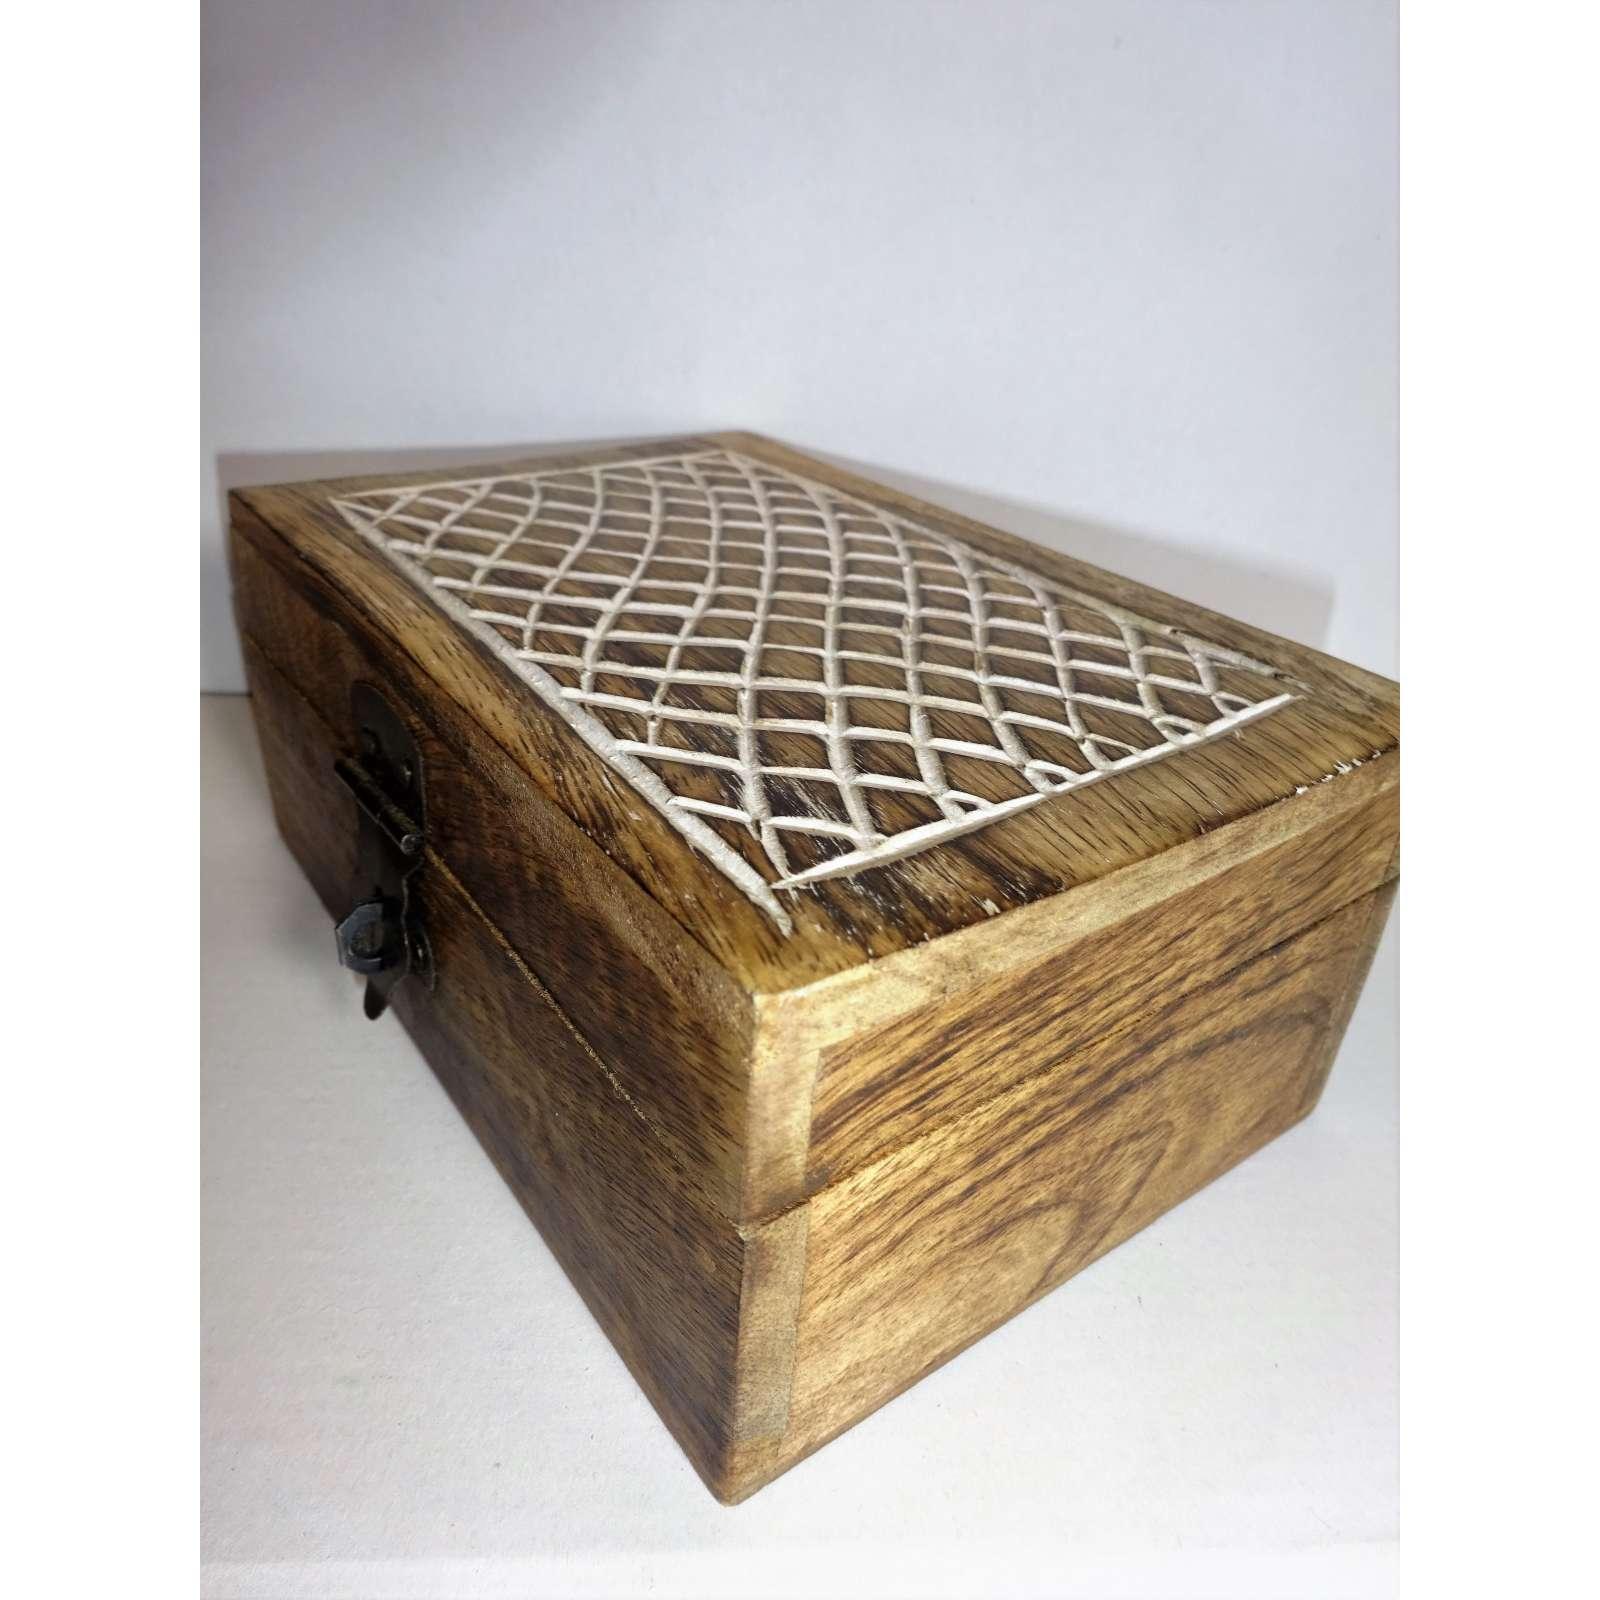 Holz Schatulle für kleine Dinge 15x10cm Truhe Schmuck Kästchen Aufbewahrung